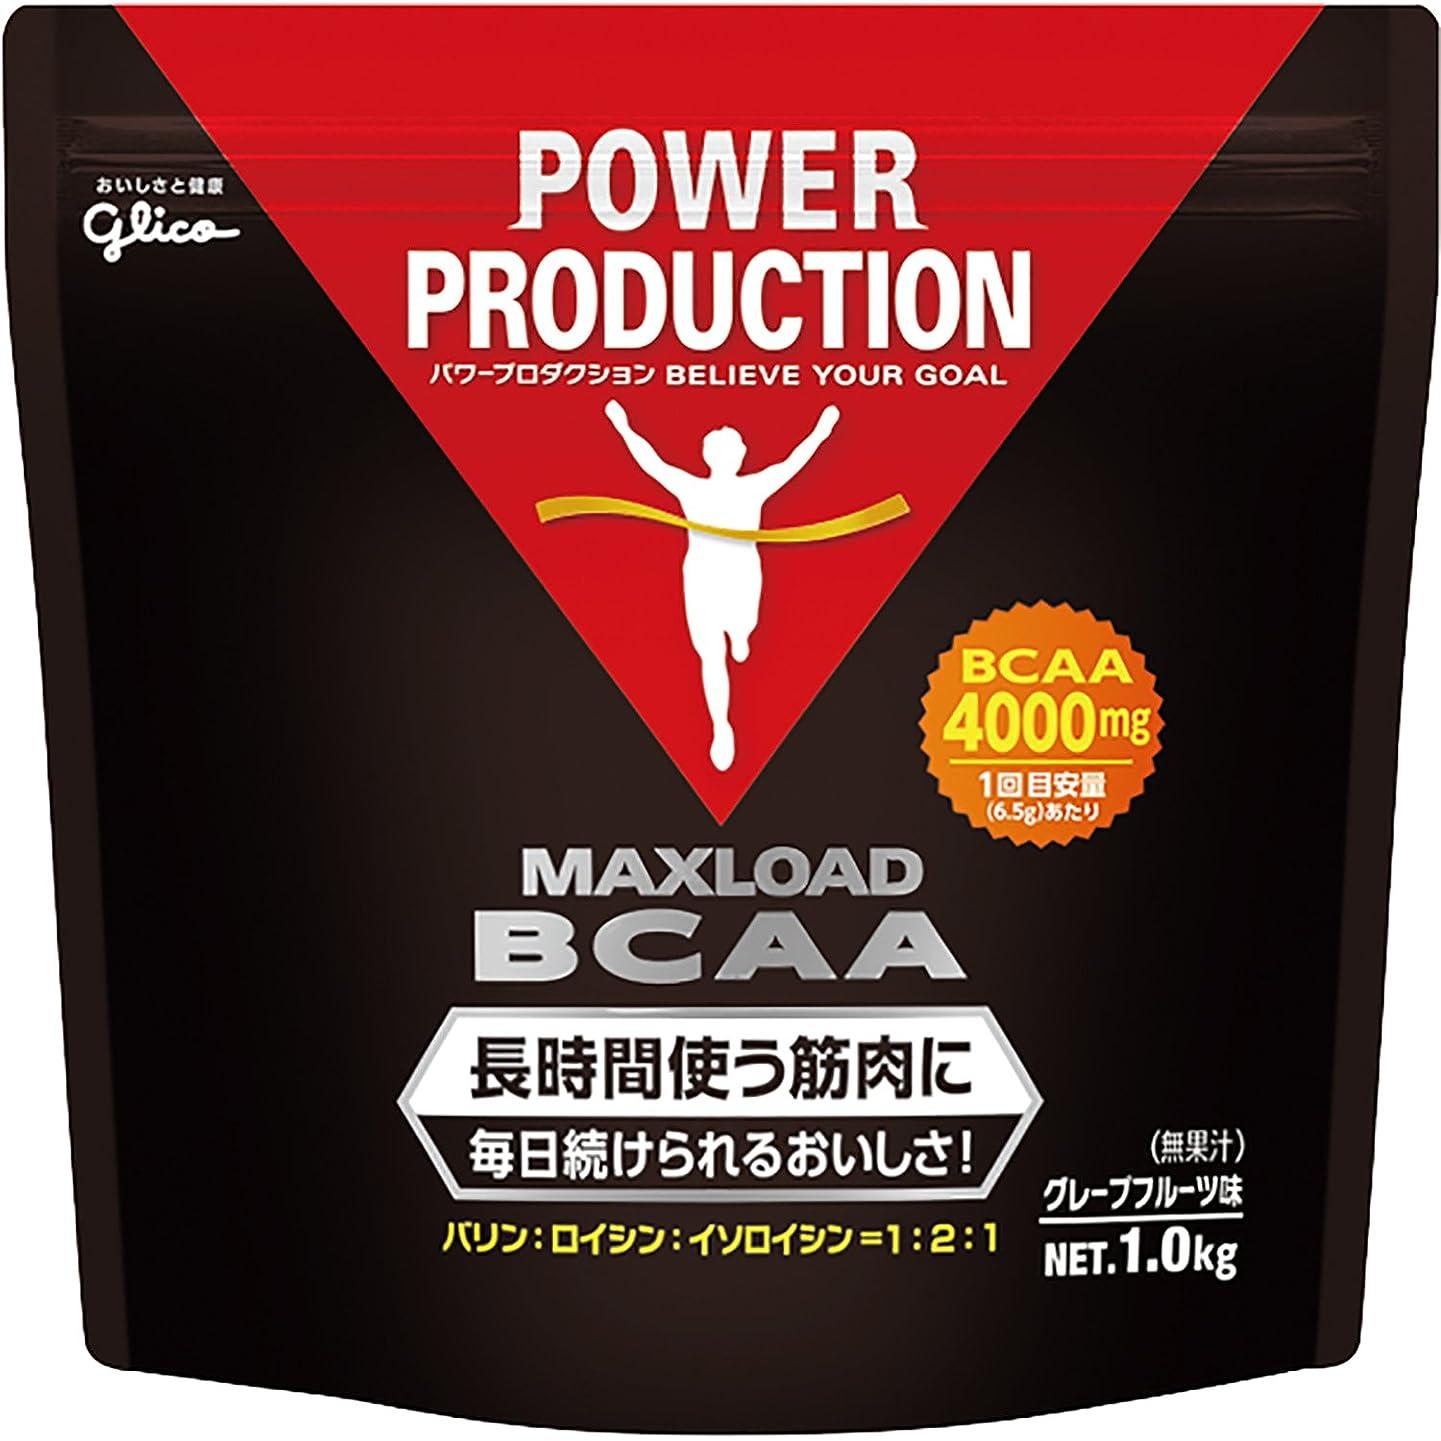 後ろにモーション講師グリコ パワープロダクション マックスロード BCAA4000mg アミノ酸 グレープフルーツ風味 1kg【使用目安 約153回分】